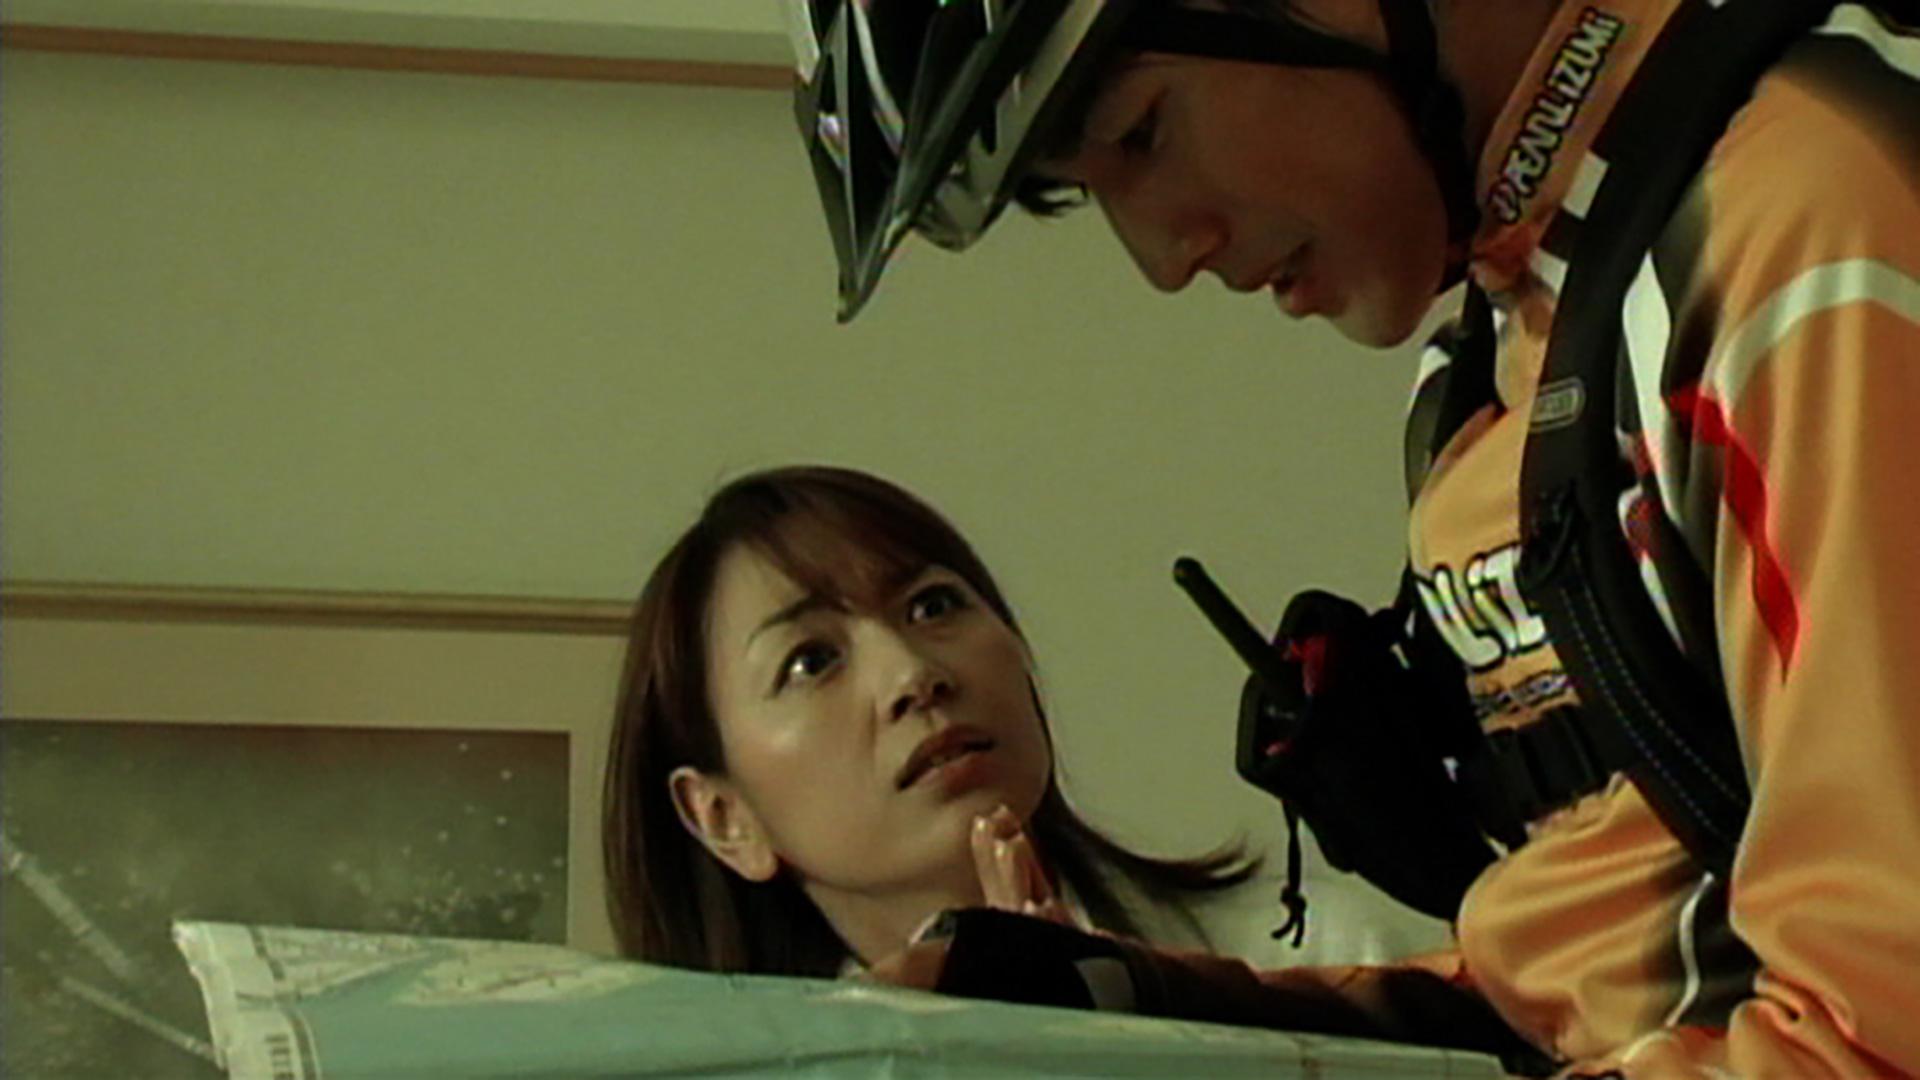 中尾浩之監督・脚本によるオリジナルショートフィルム「THE SECRET SHOW」が期間限定公開中